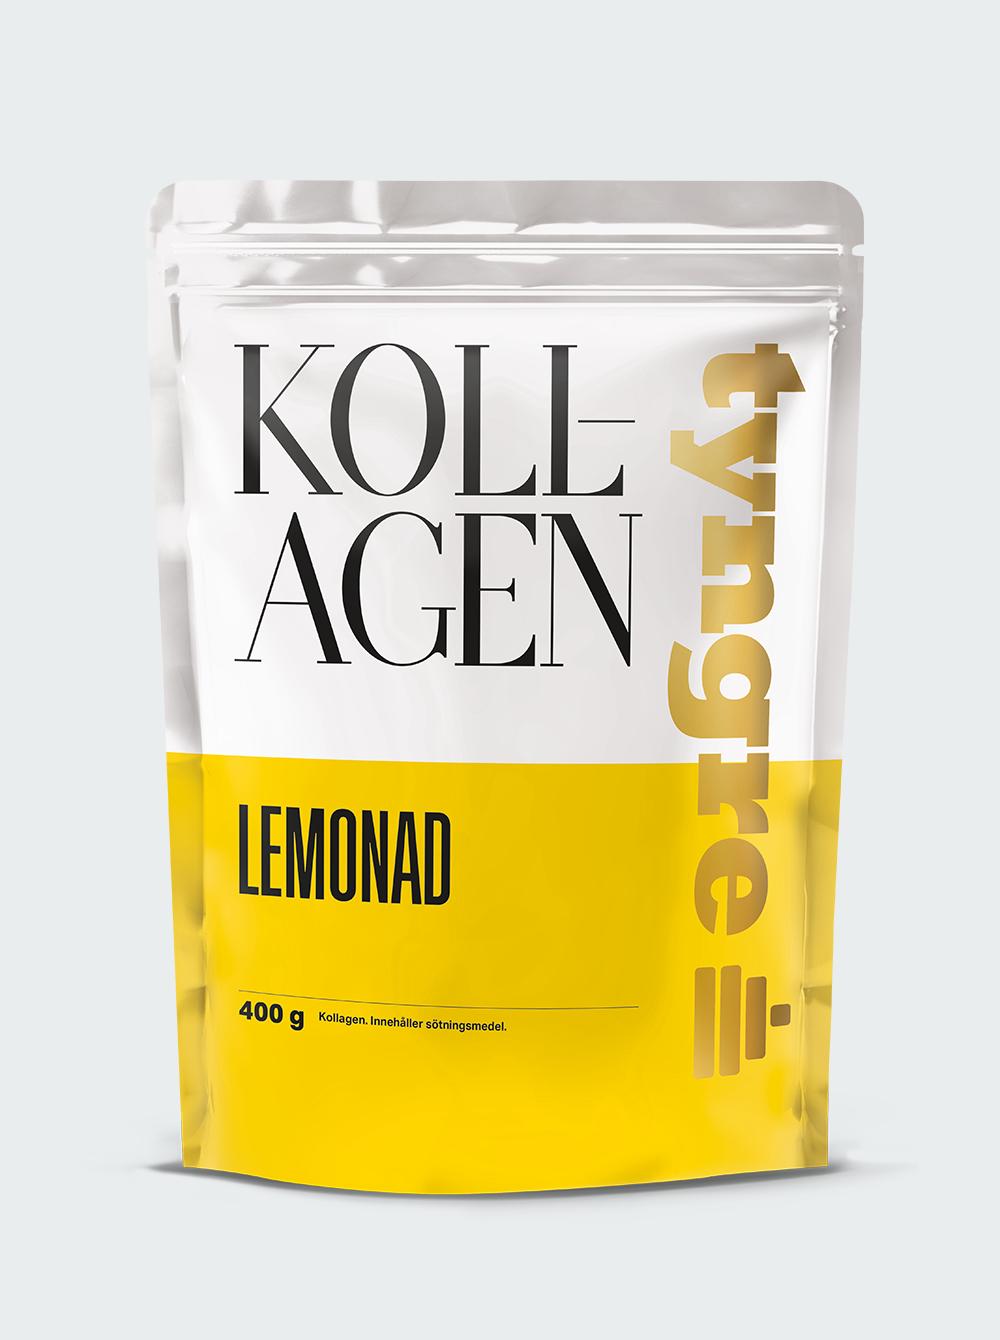 Kollagen Lemonad